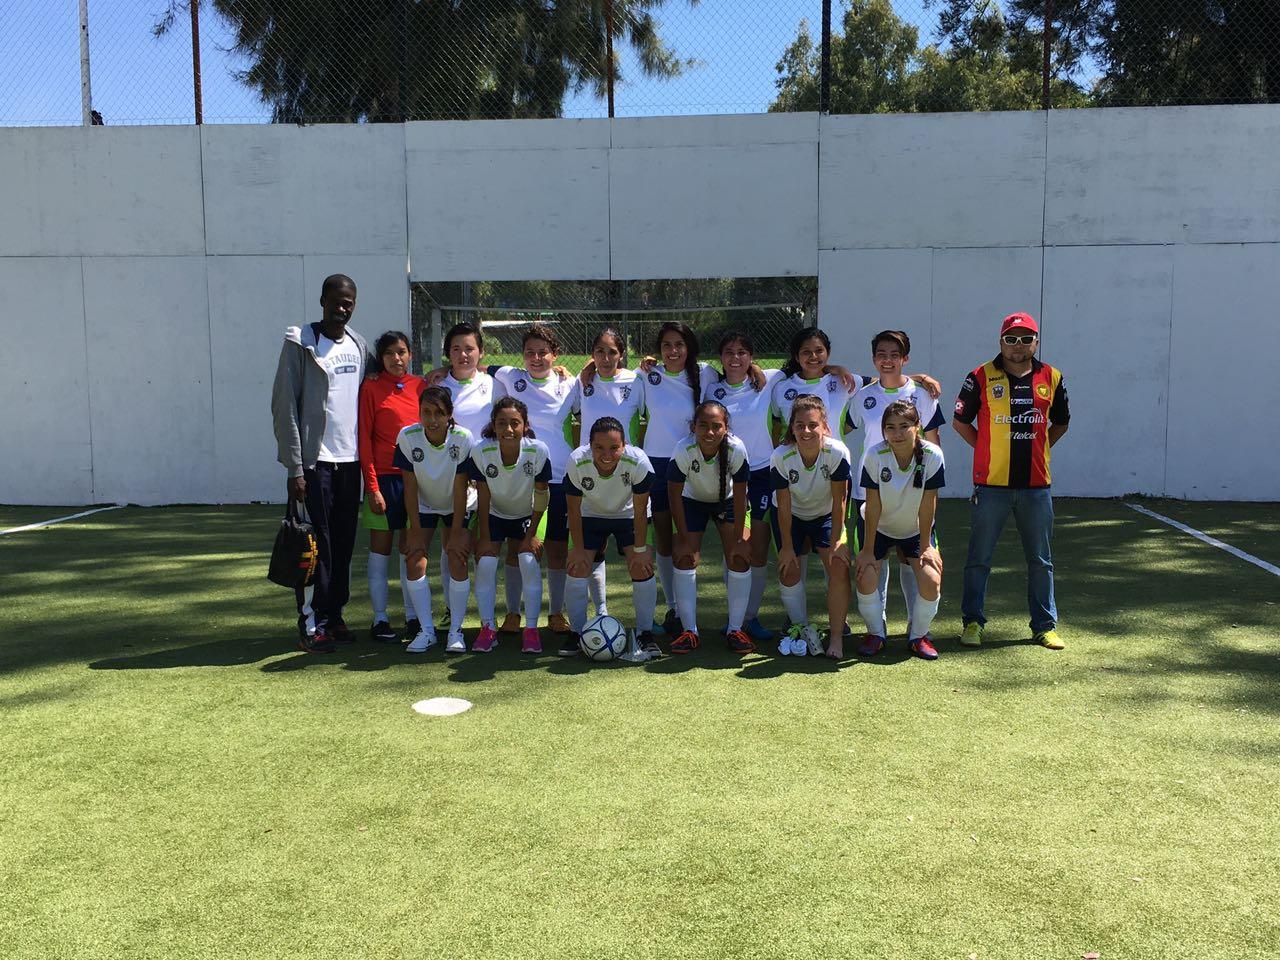 Las catorce integrantes de la selección femenil de fútbol bardas, su entrenador y el responsable de deportes